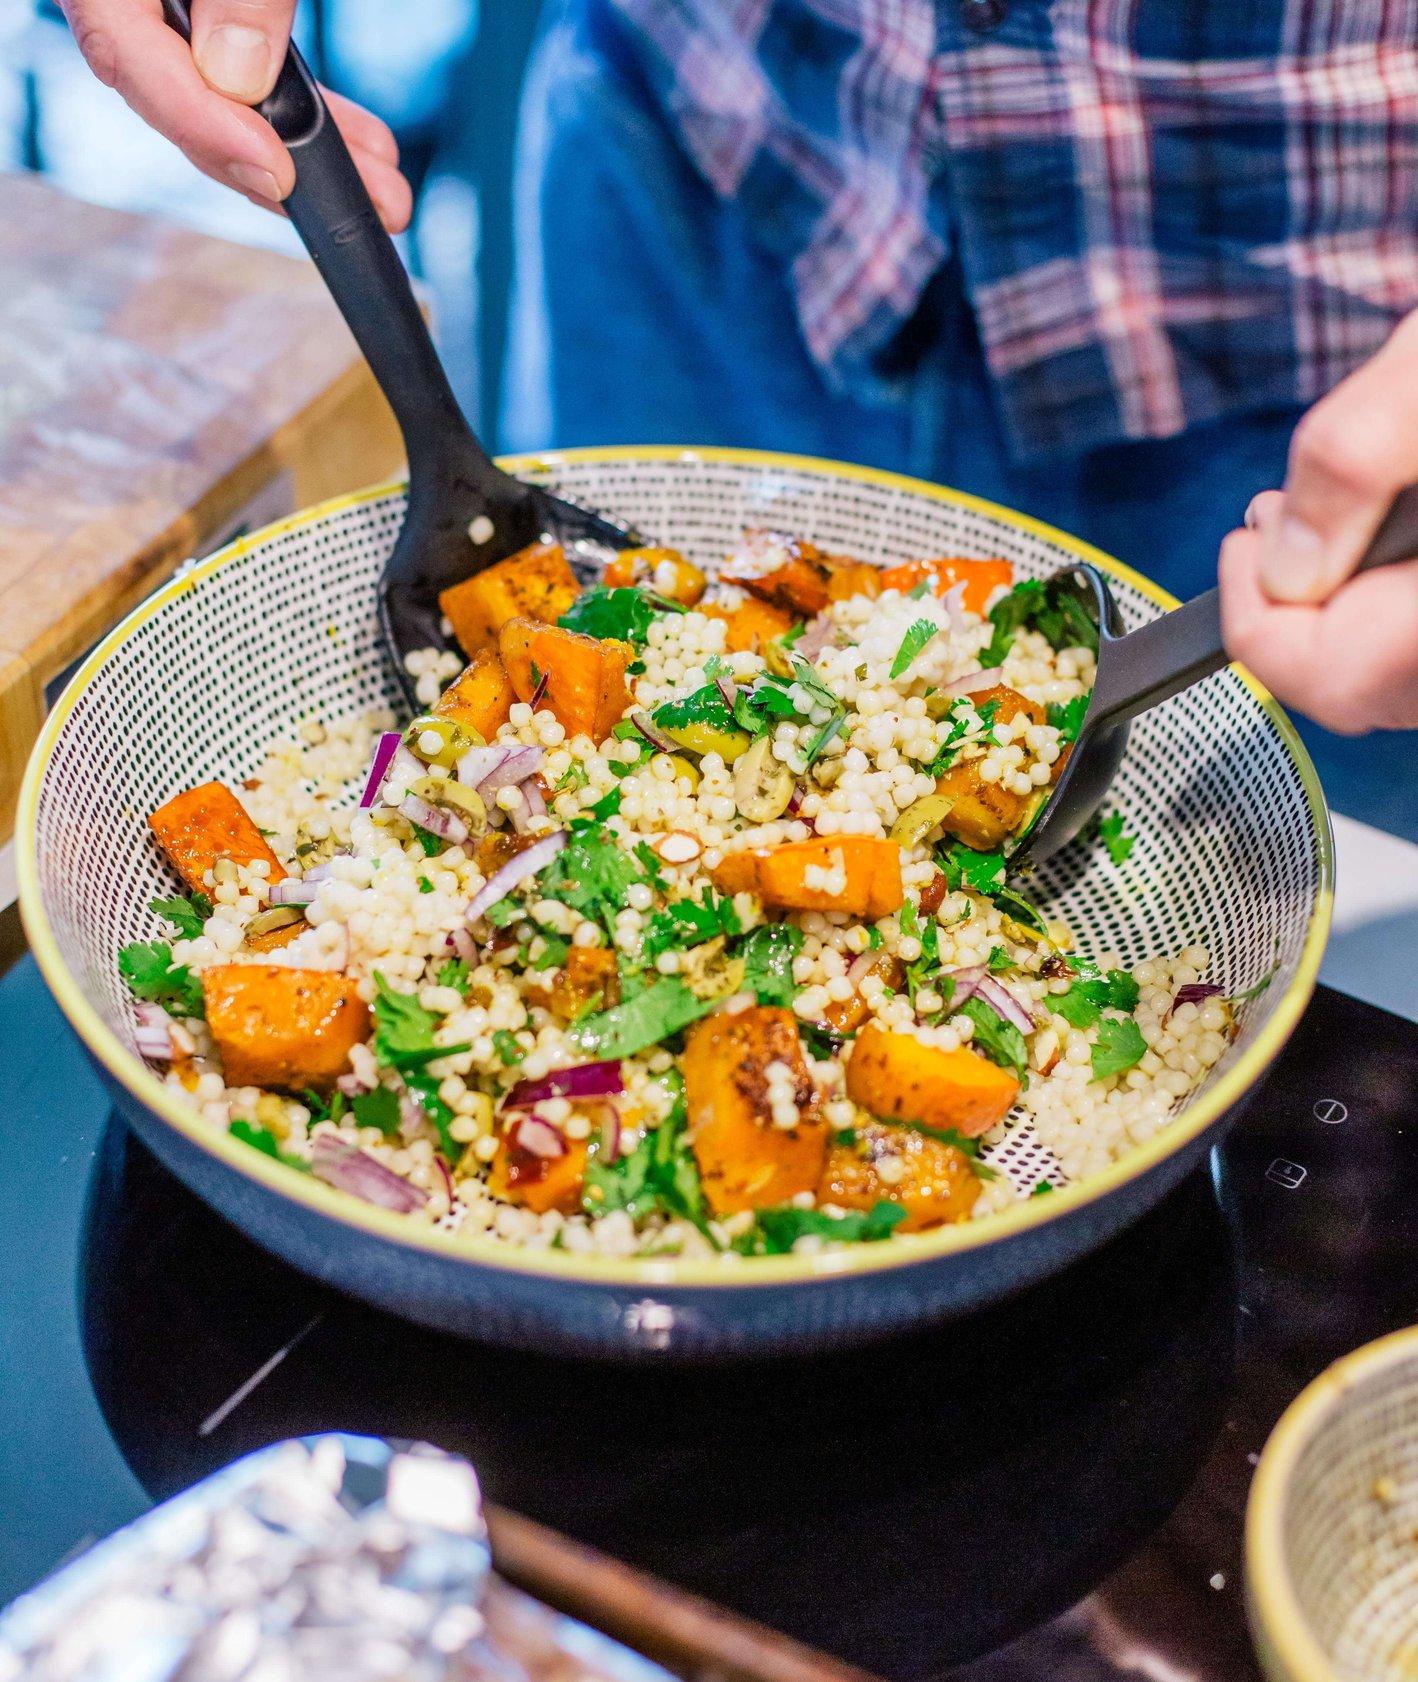 Właściciel restauracji Tomek, miesza w ceramicznej misie składniki sałatki z kaszy bulgur z dynią, czerwoną cebulą, zielonymi oliwkami i kolendrą  (fot. Michał Lichtański)